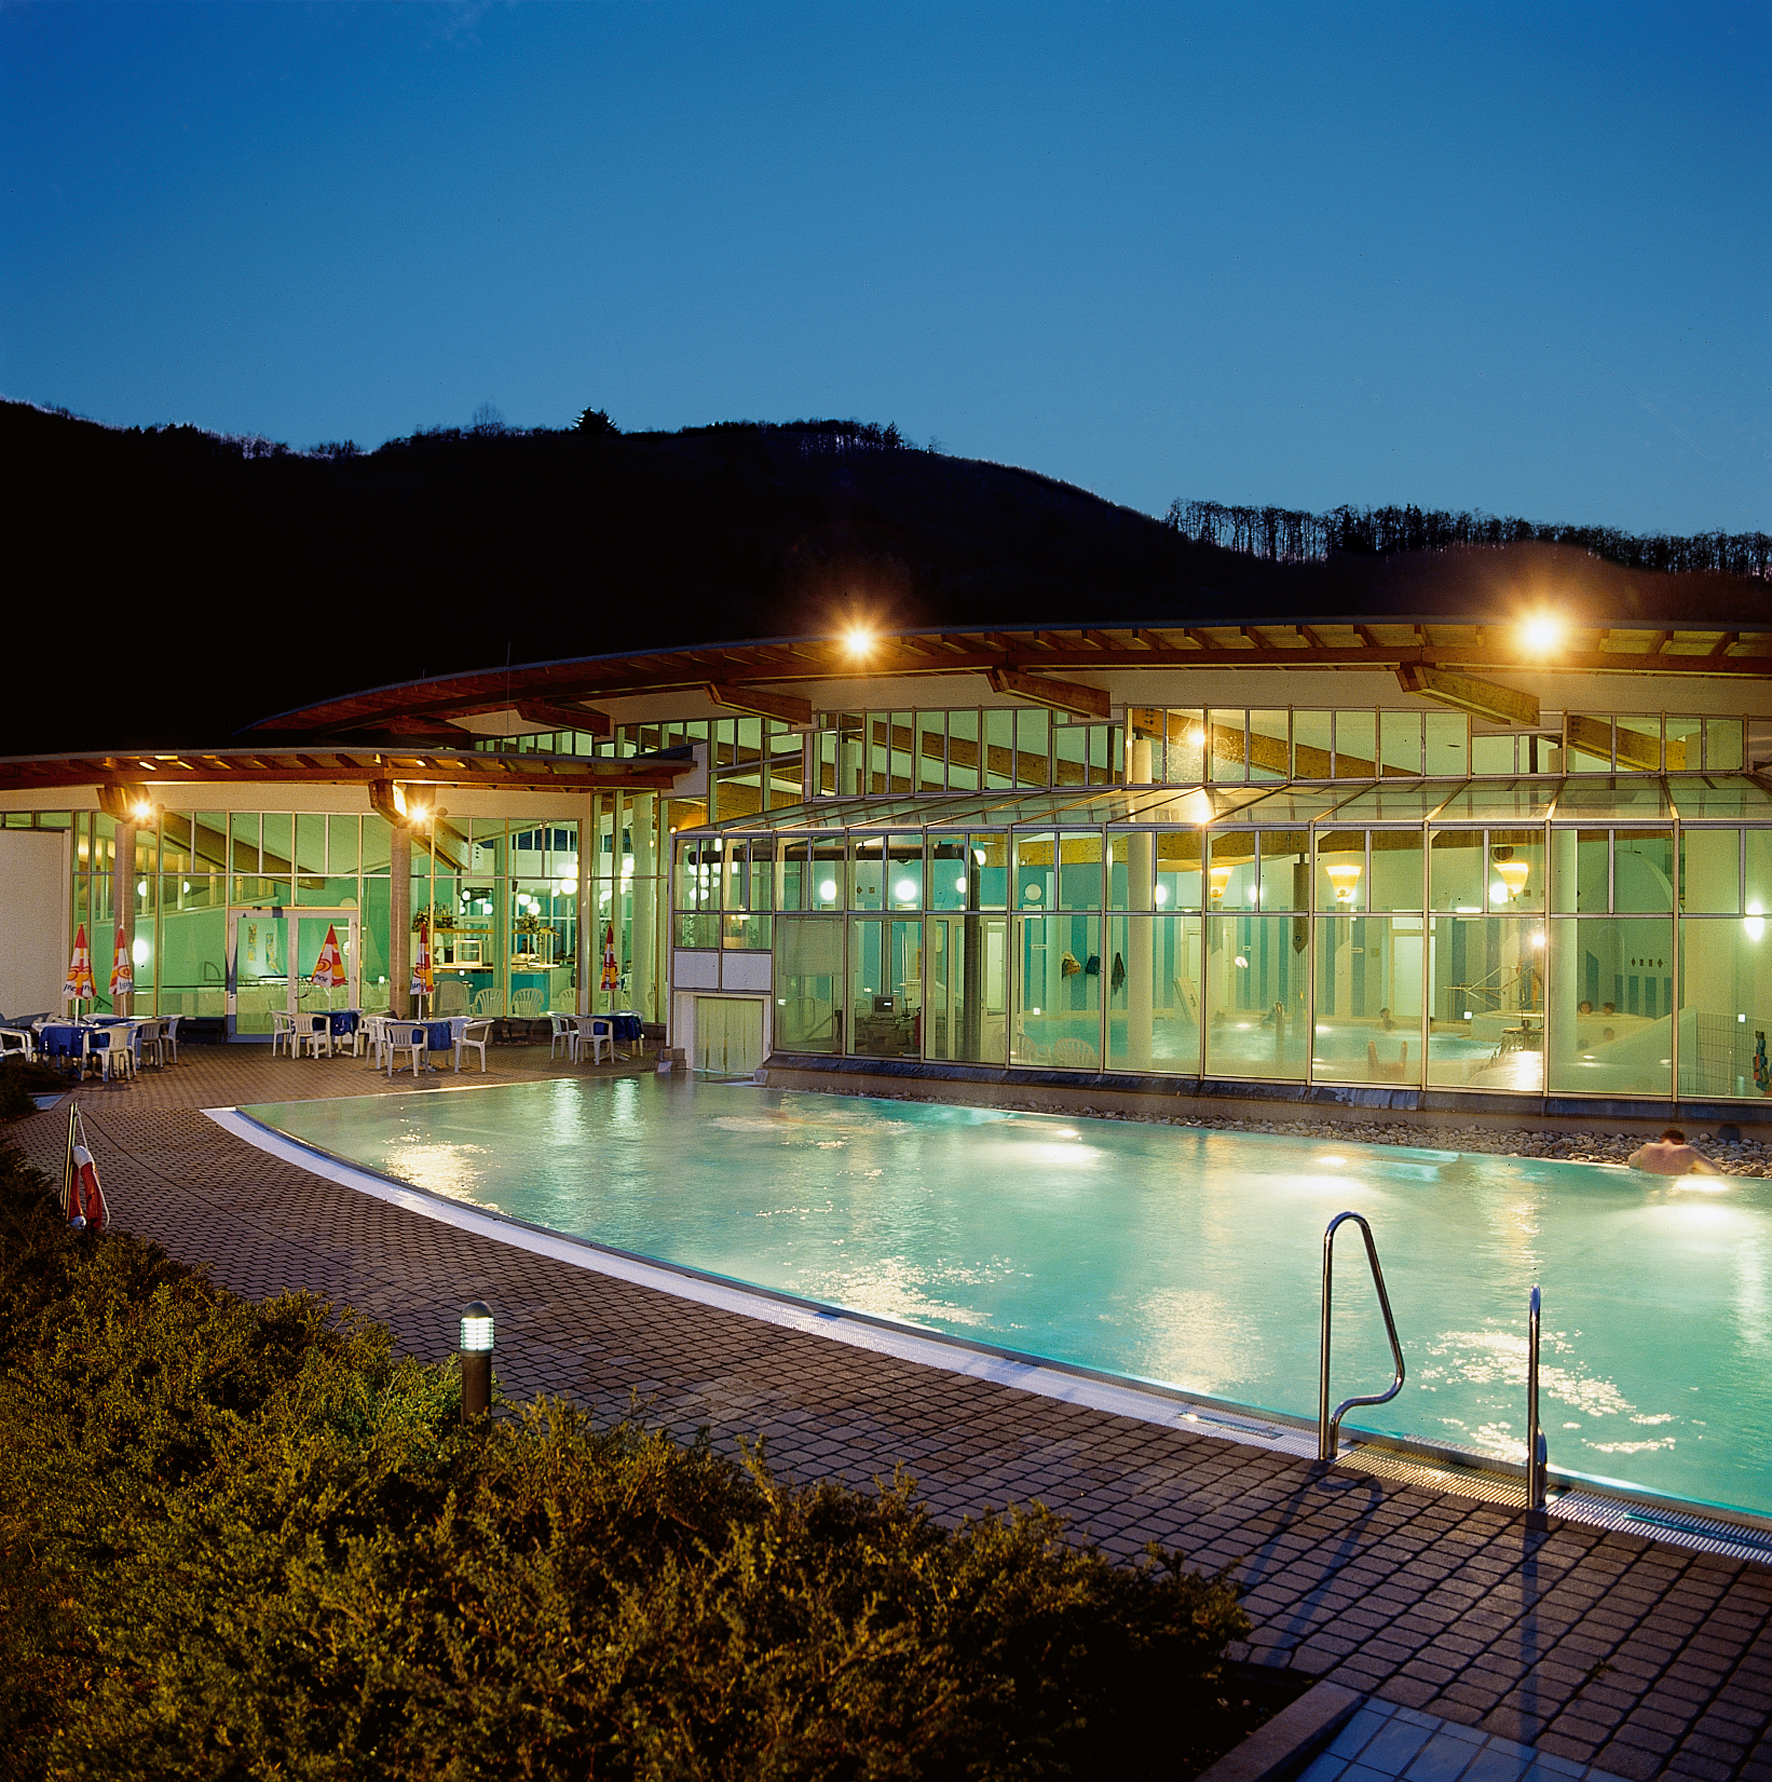 Pure ontspanning in het aangenaam warme buitenzwembad in de Moseltherme, Moezel-regio